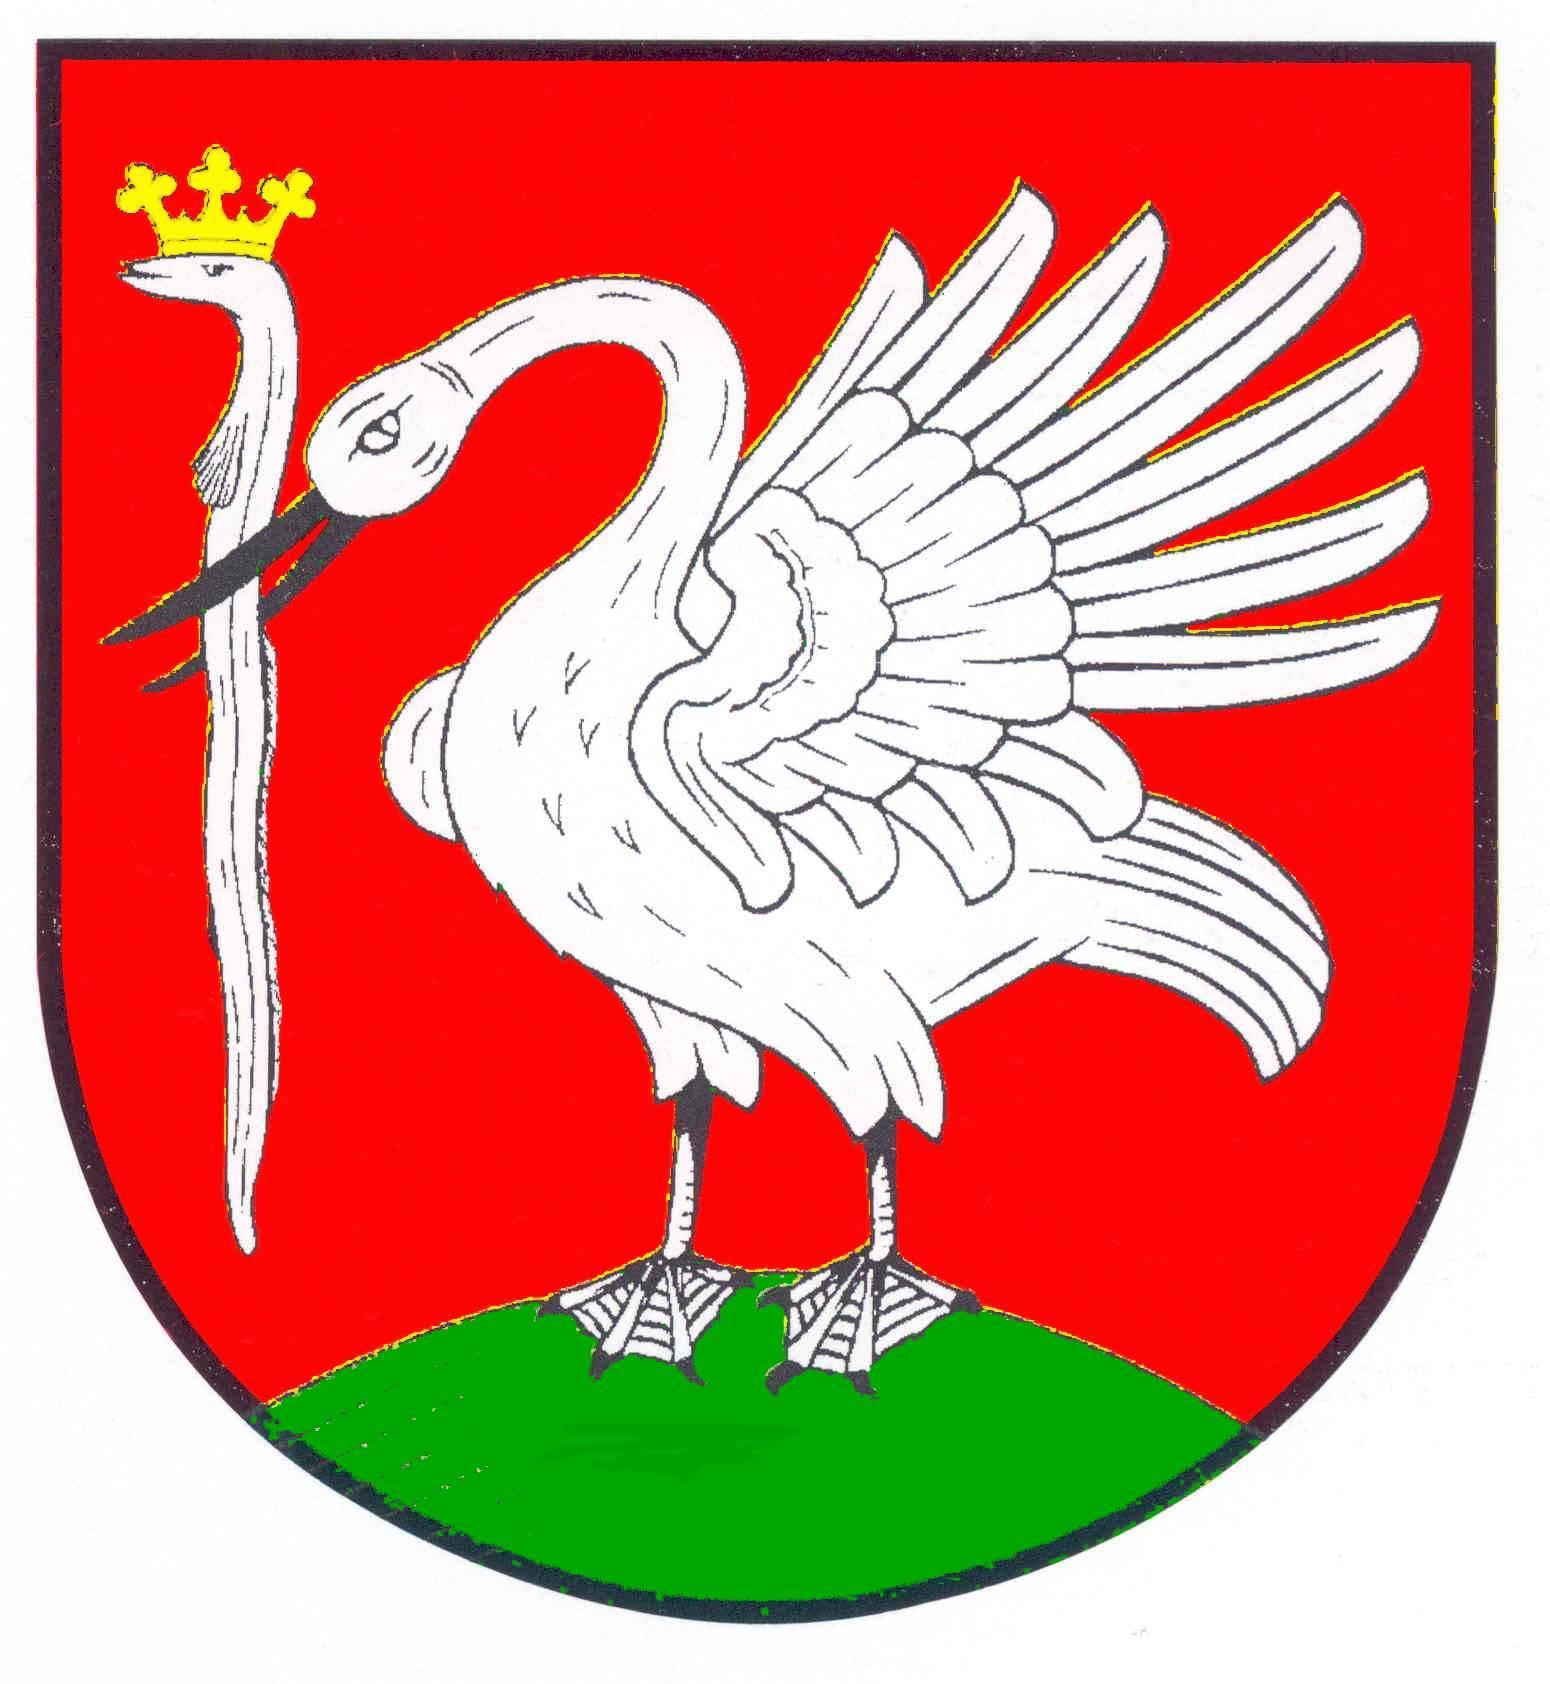 Wappen GemeindeHedwigenkoog, Kreis Dithmarschen